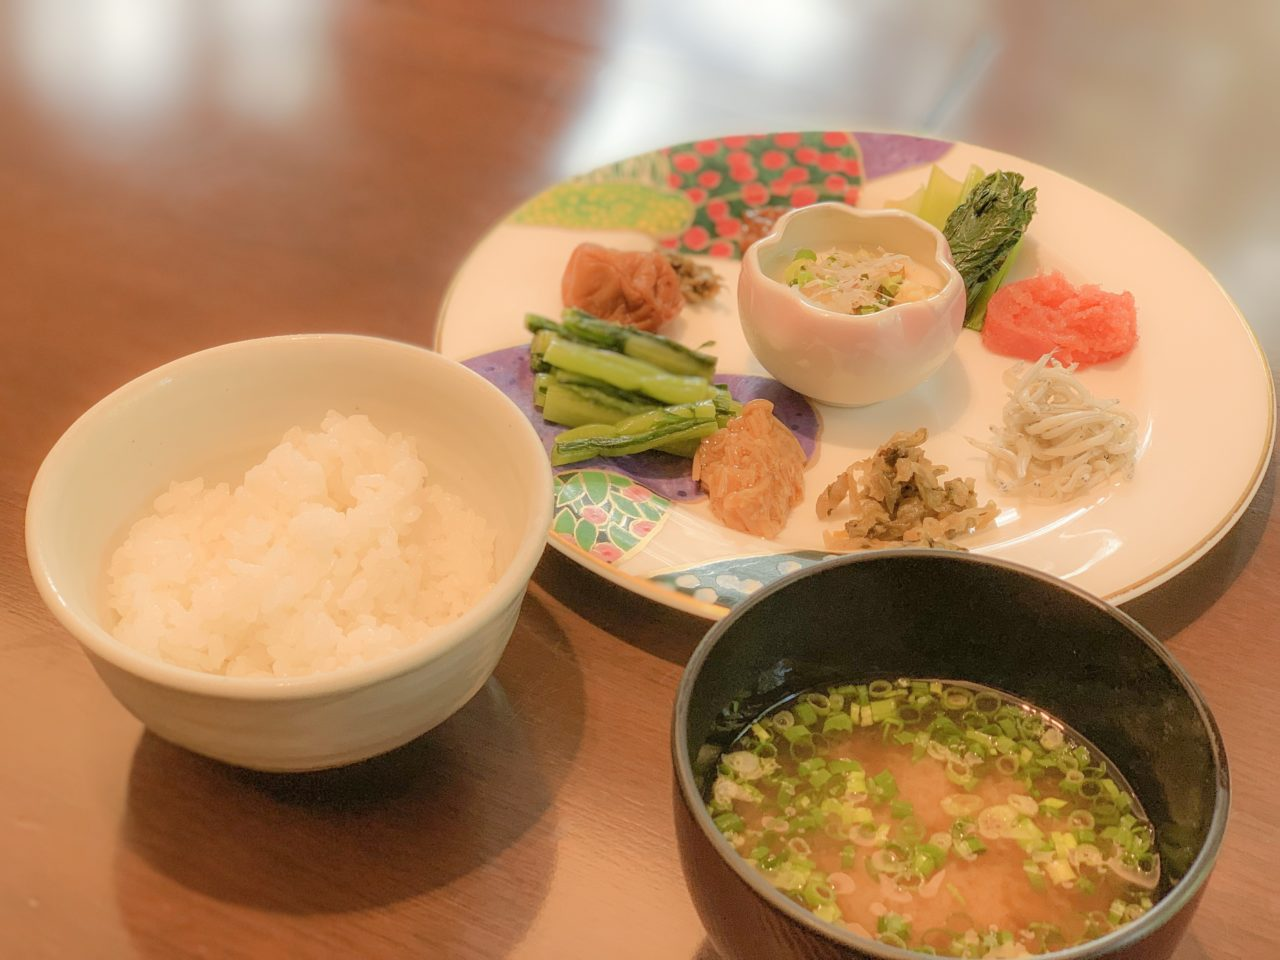 img 7928 1 - 令和最初の夏休み - ザ・プリンス ヴィラ軽井沢で過ごす赤ちゃん連れ旅行